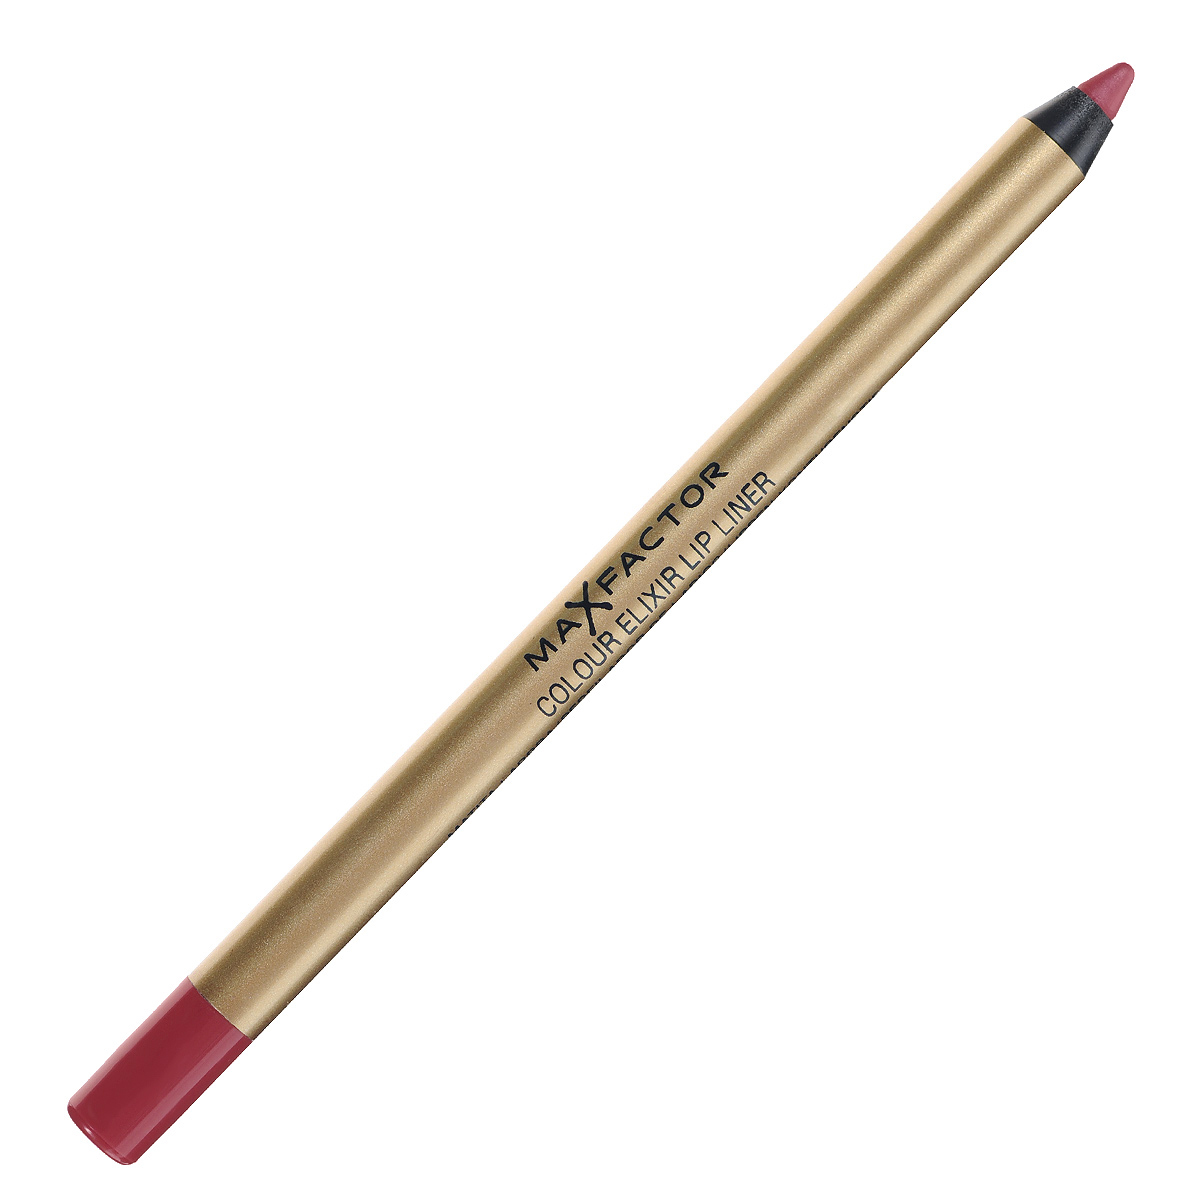 Max Factor Карандаш для губ Colour Elixir Lip Liner, тон №10 red rush, цвет: красный81440162Секрет эффектного макияжа губ - правильный карандаш. Он мягко касается губ и рисует точную линию, подчеркивая контур и одновременно ухаживая за губами. Карандаш для губ Colour Elixir подчеркивает твои губы, придавая им форму. - Роскошный цвет и увлажнение для мягких и гладких губ. - Оттенки подходят к палитре помады Colour Elixir. - Легко наносится.1. Выбирай карандаш на один тон темнее твоей помады 2. Наточи карандаш и смягчи кончик салфеткой 3. Подведи губы в уголках, дугу Купидона и середину нижней губы, затем соедини линии 4. Нанеси несколько легких штрихов на губы, чтобы помада держалась дольше.